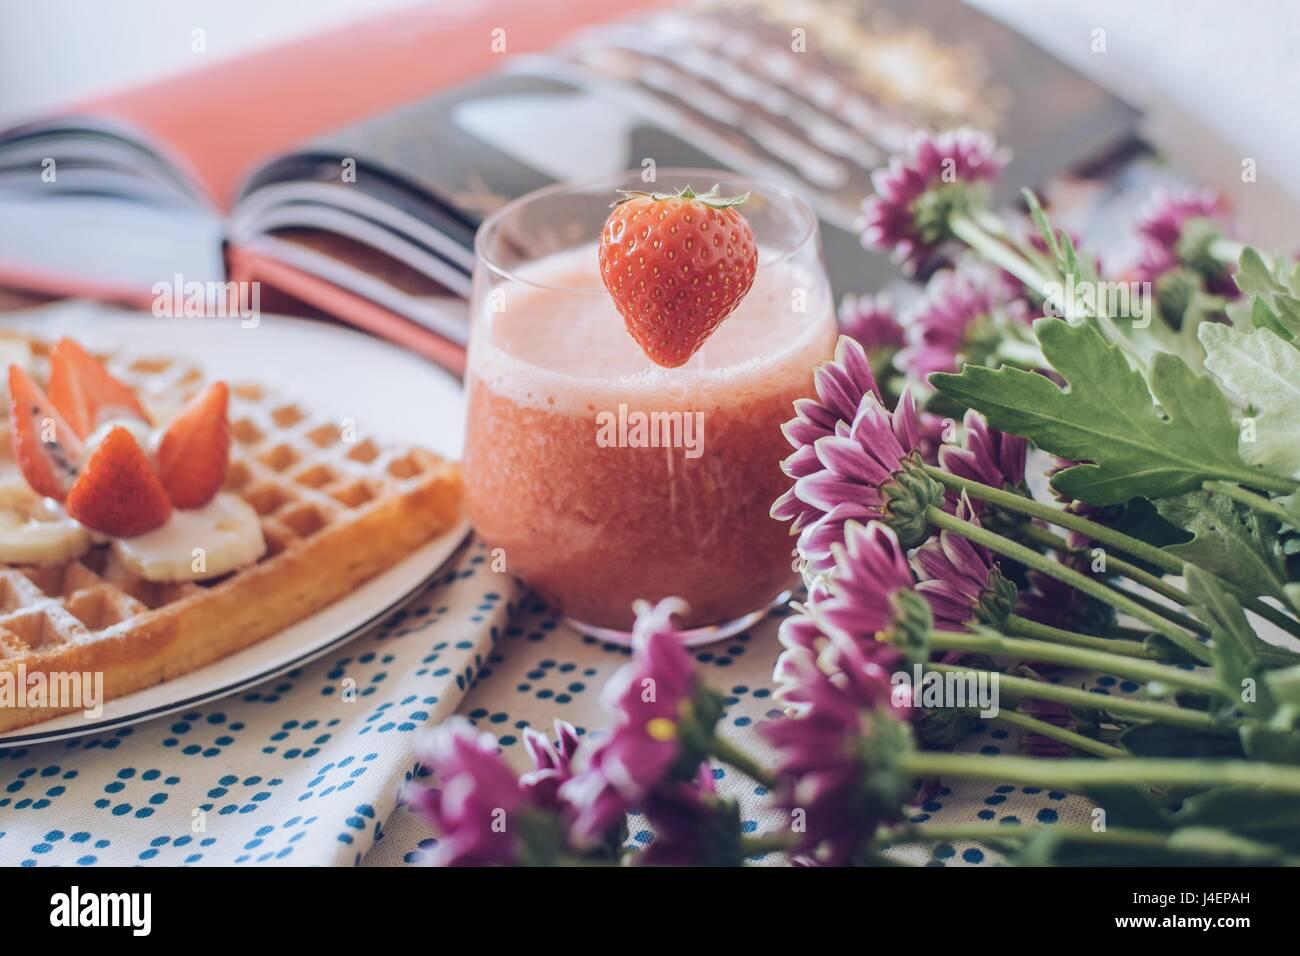 La colazione variazioni. Le cialde con il frullato fragole. Immagini Stock